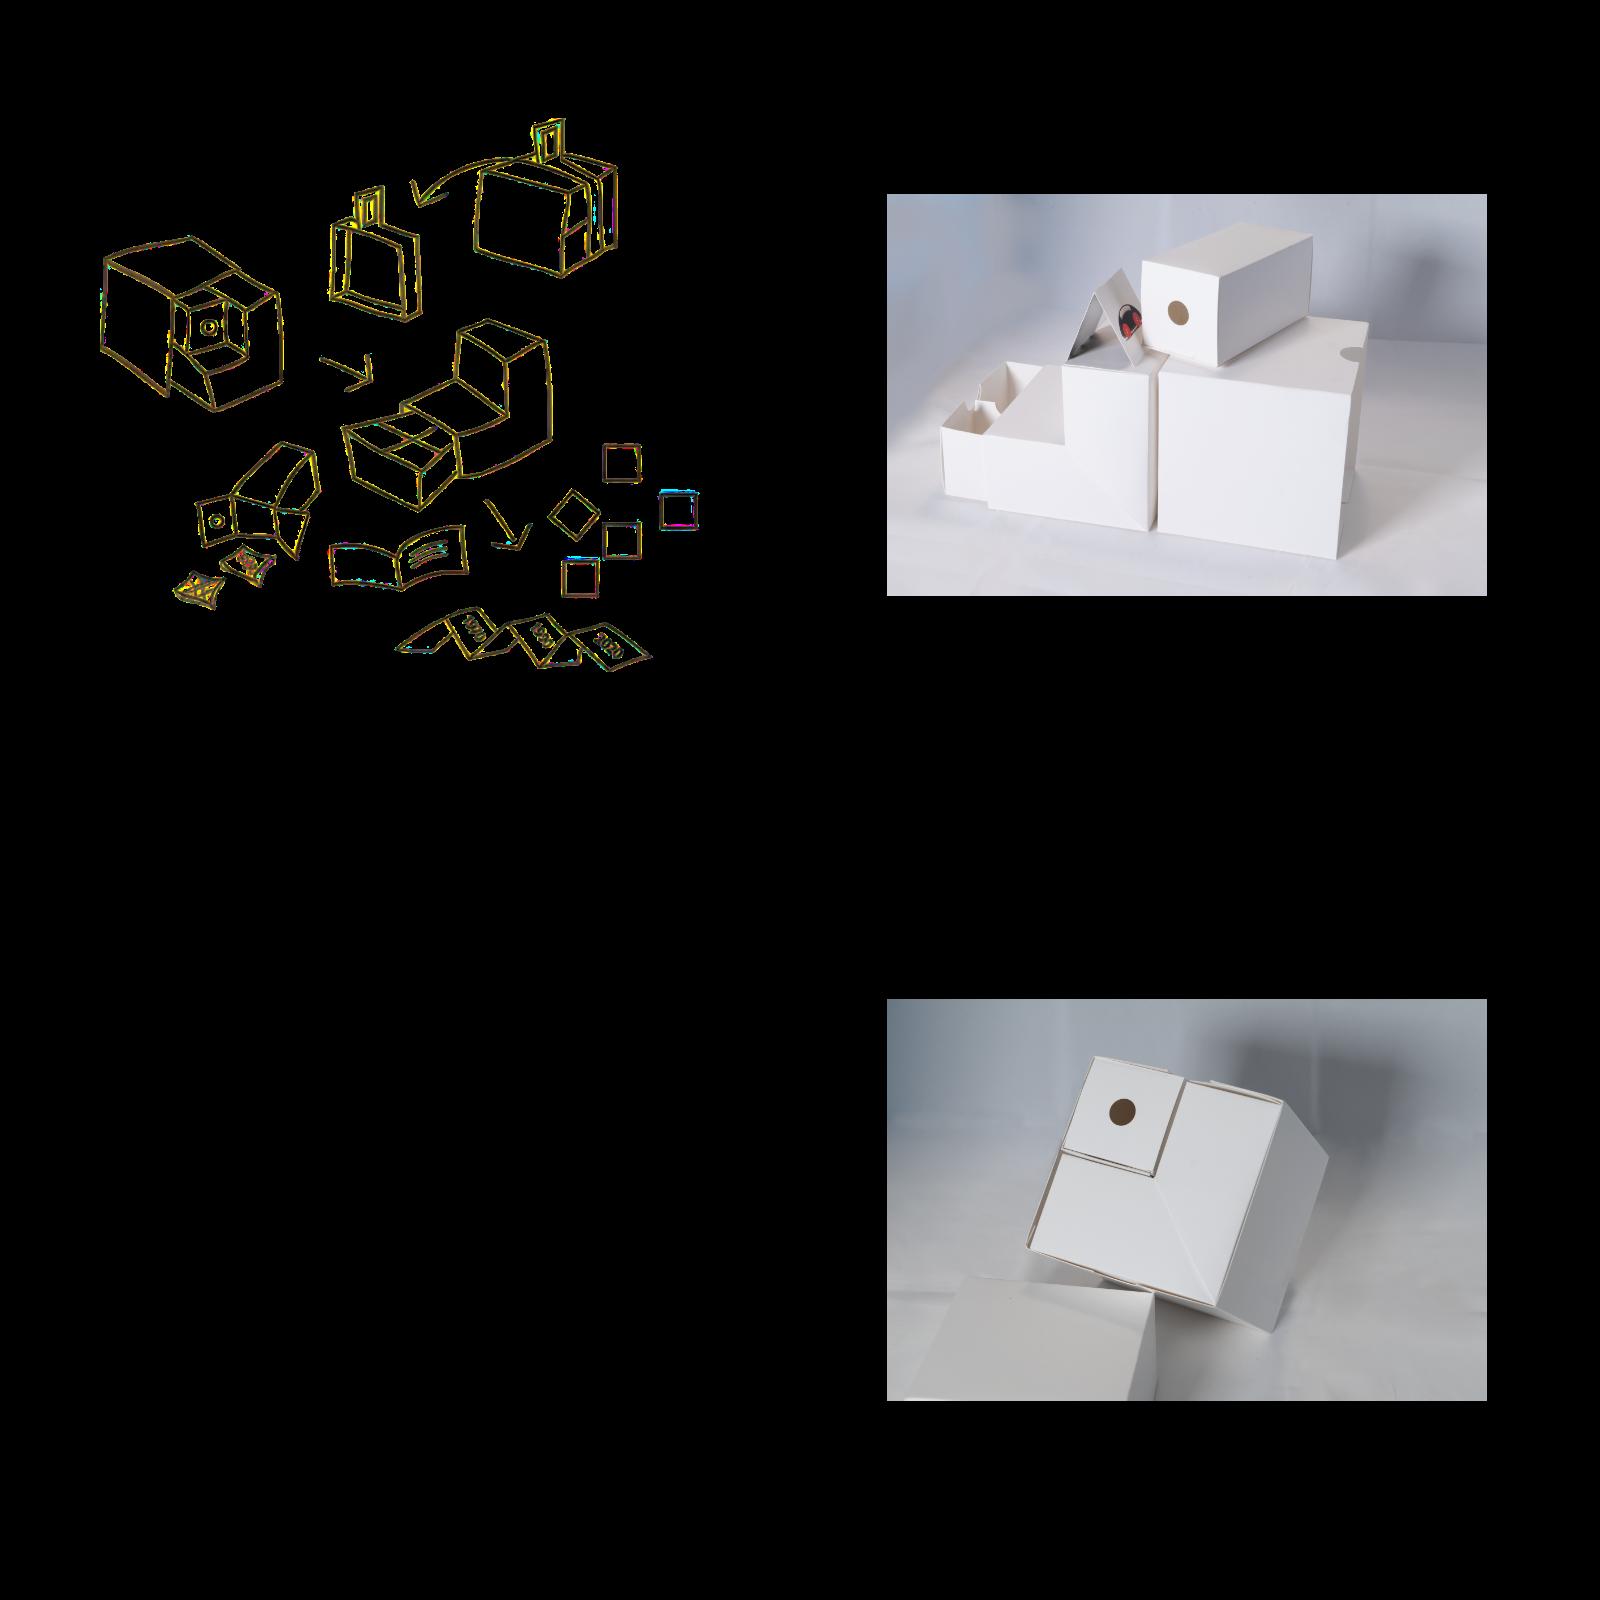 Skiss och prototyper till Swedish Design Memo. Foto och illustration: Fredrika Berghult.